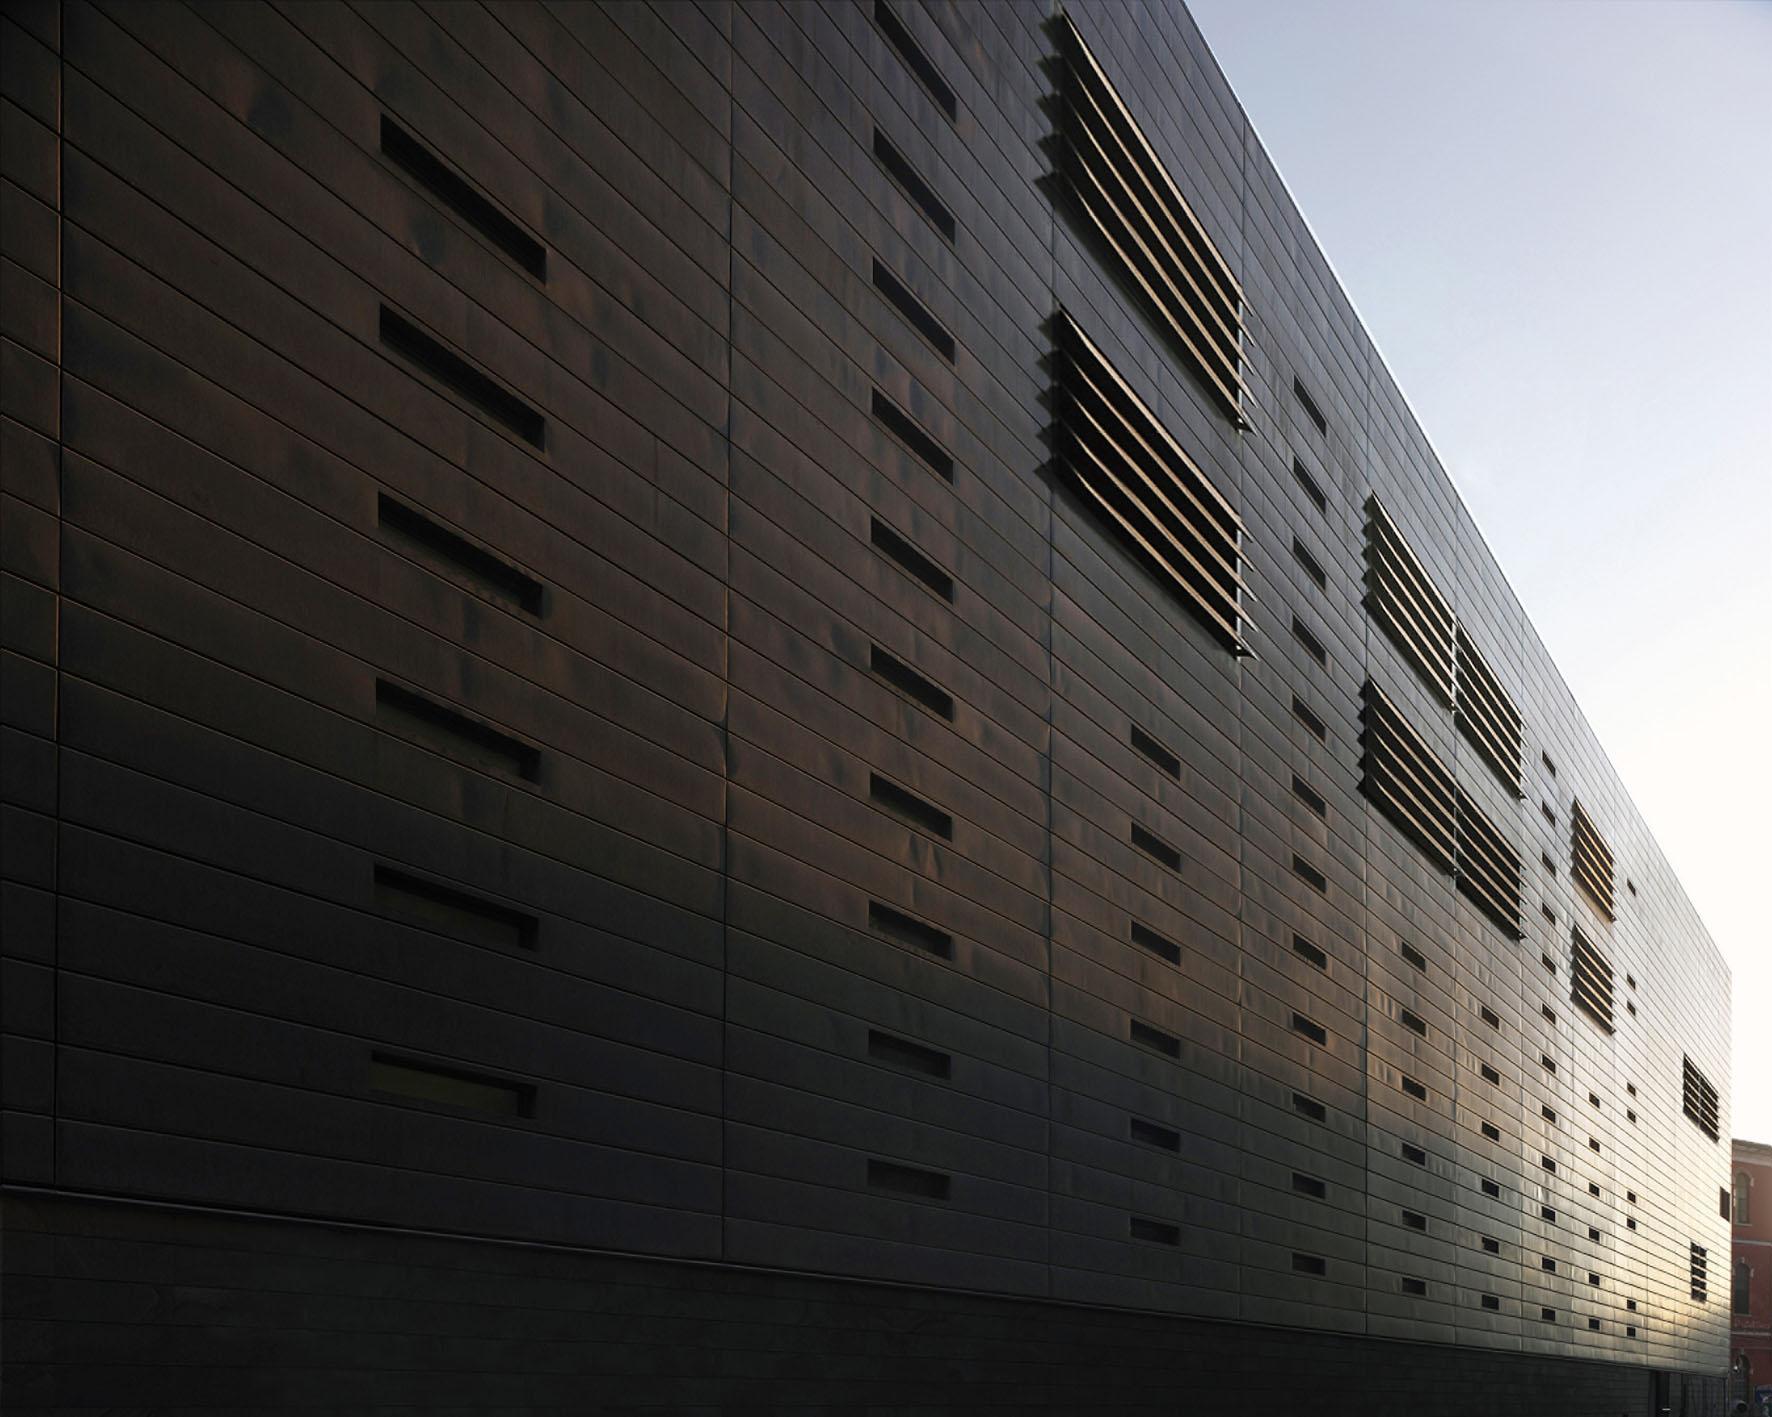 Planos de Sede del Tribunal de Justicia / C + S Architects